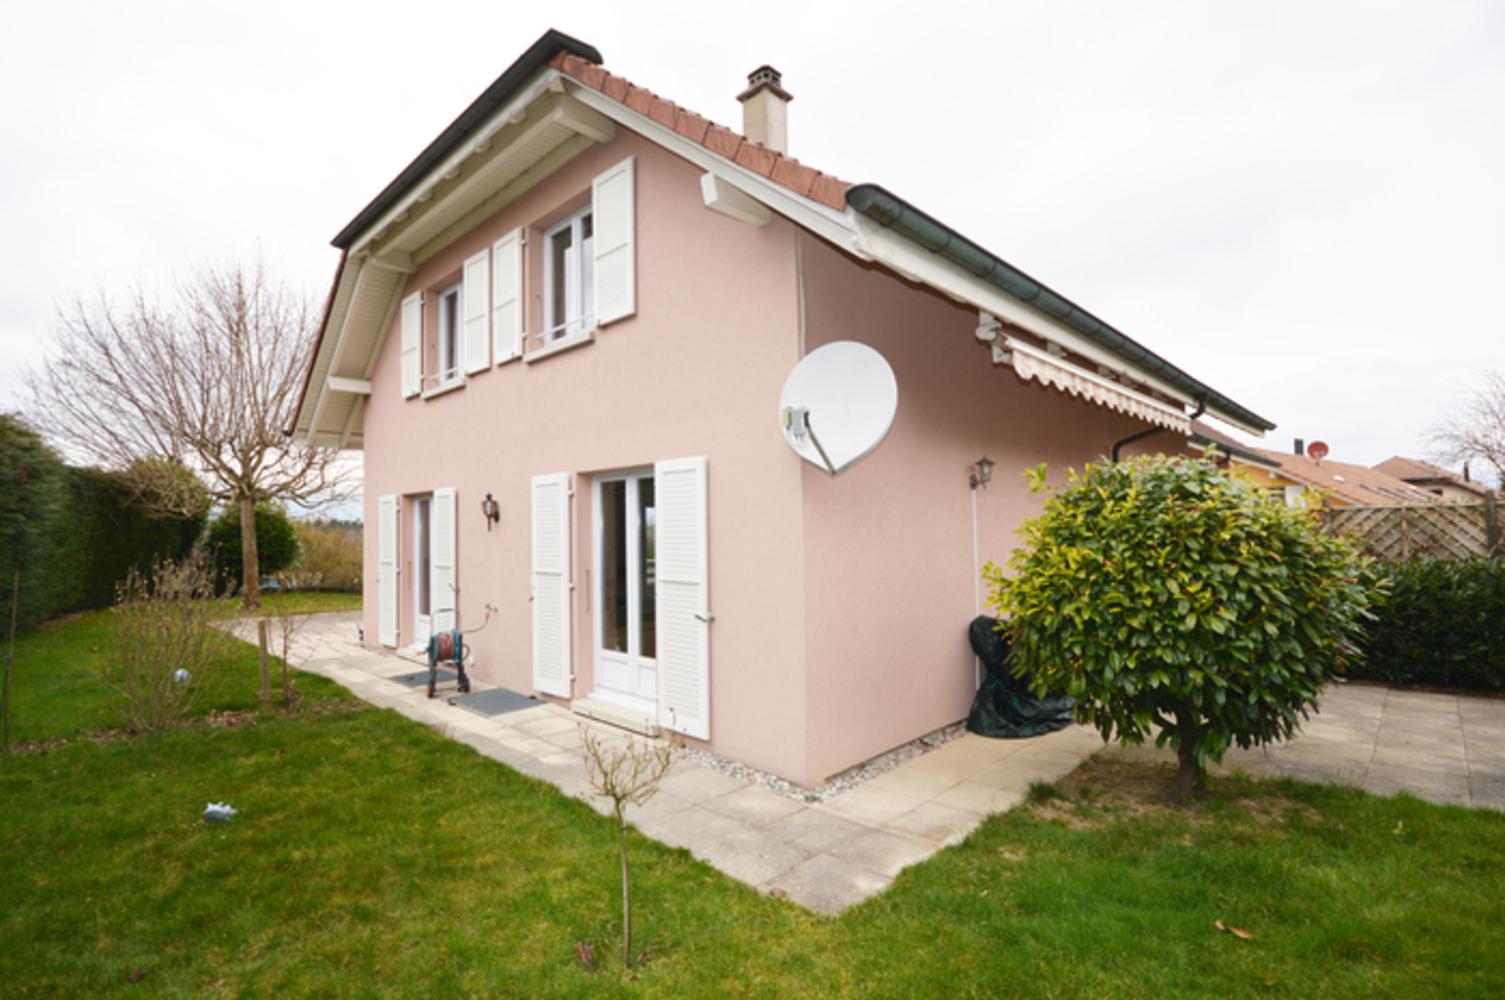 Site immobilier pour acheter une maison ou villa en suisse for Acheter une maison en suisse